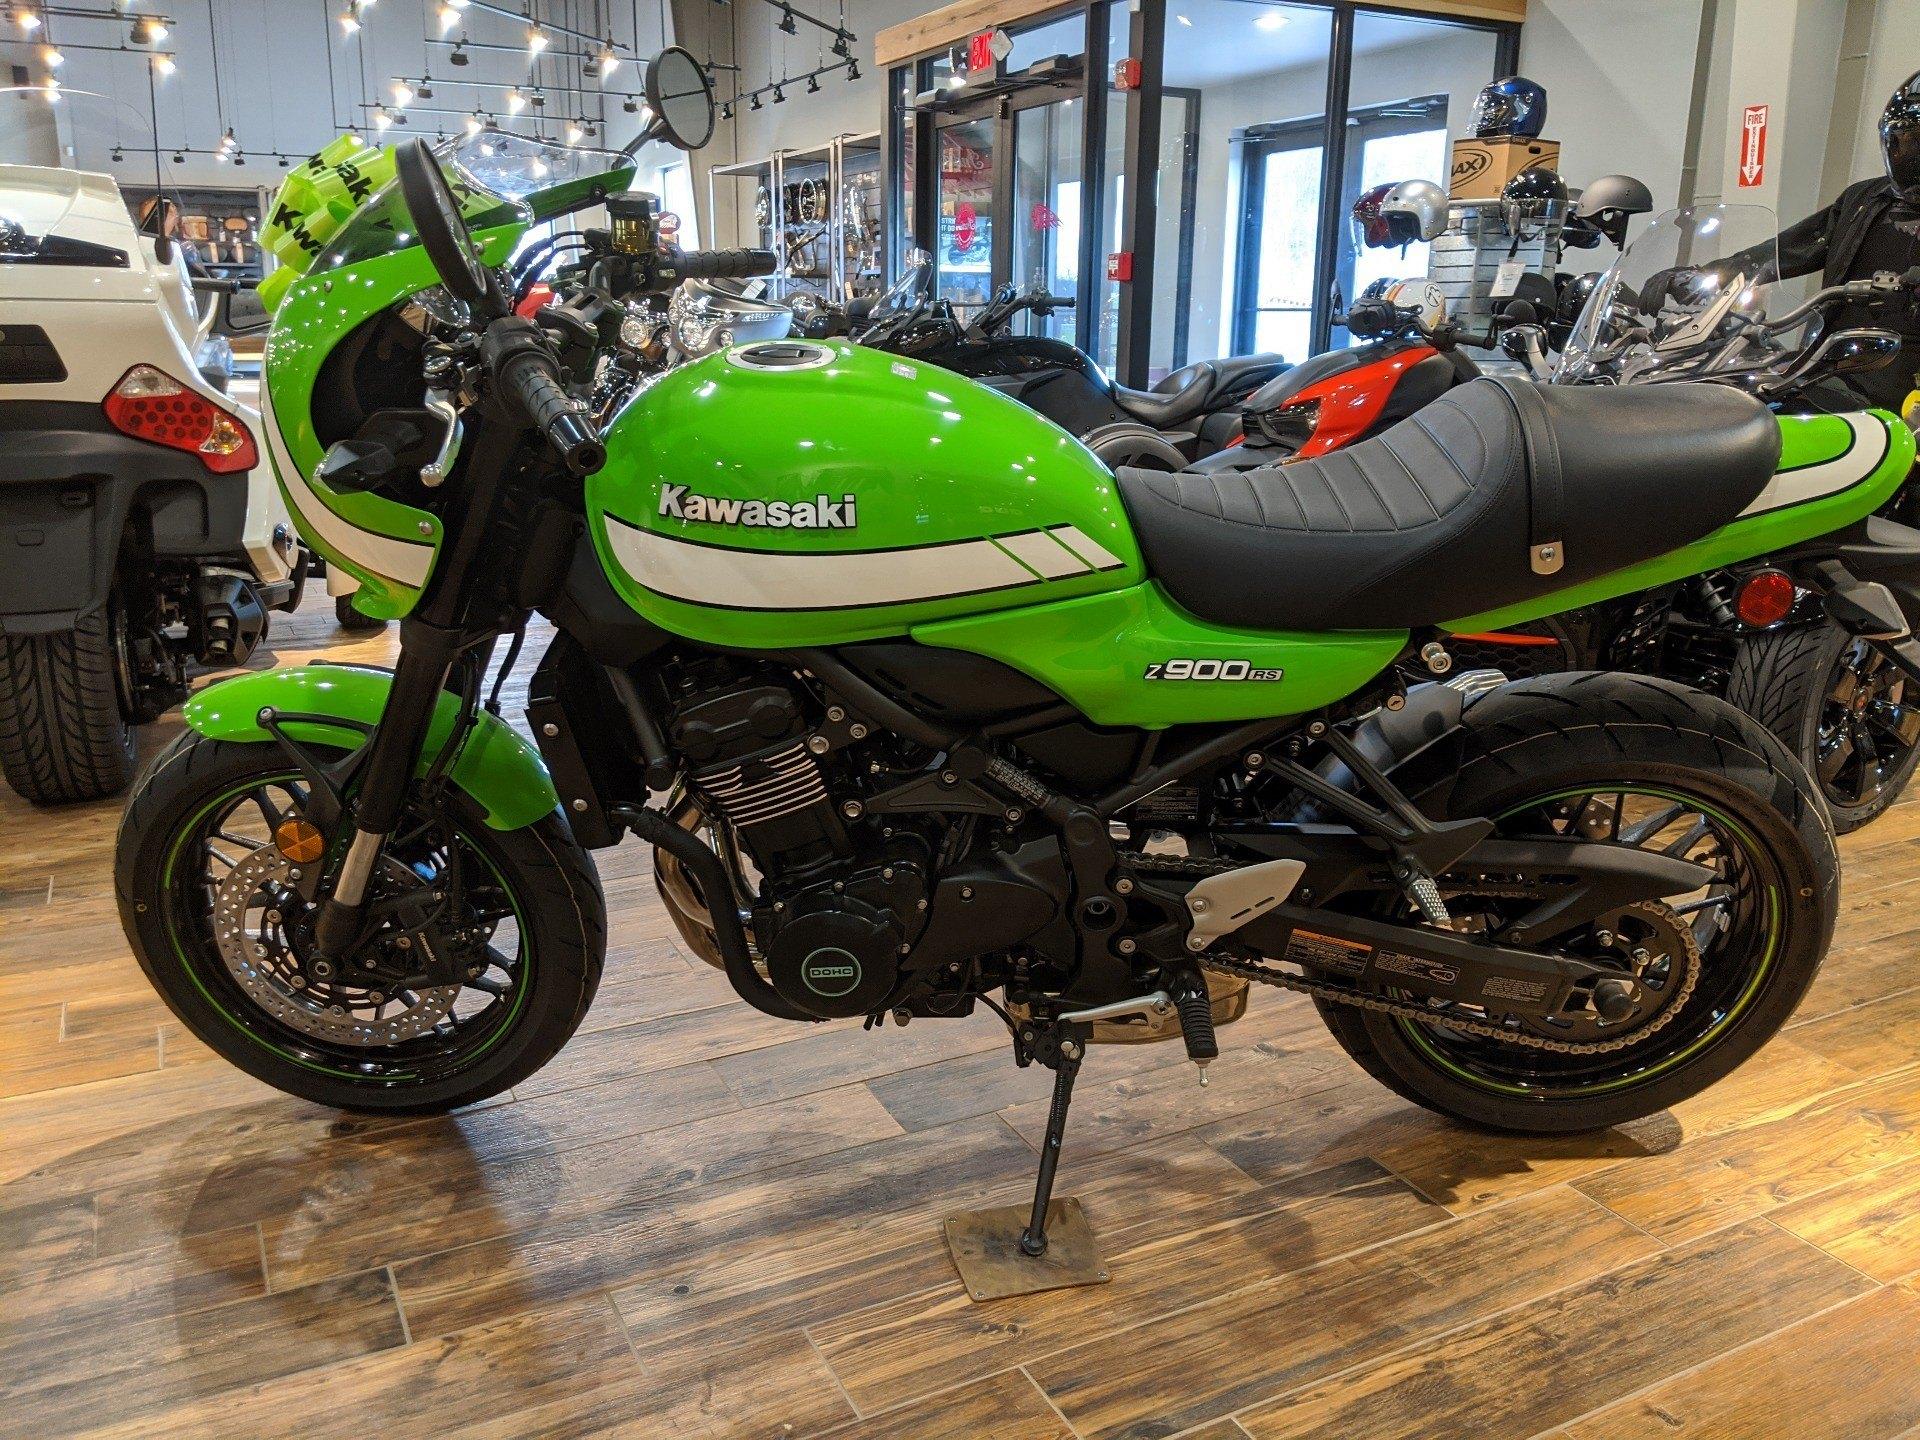 2012 Kawasaki W800 773cc Road Bike - JBM5164656 - JUST BIKES